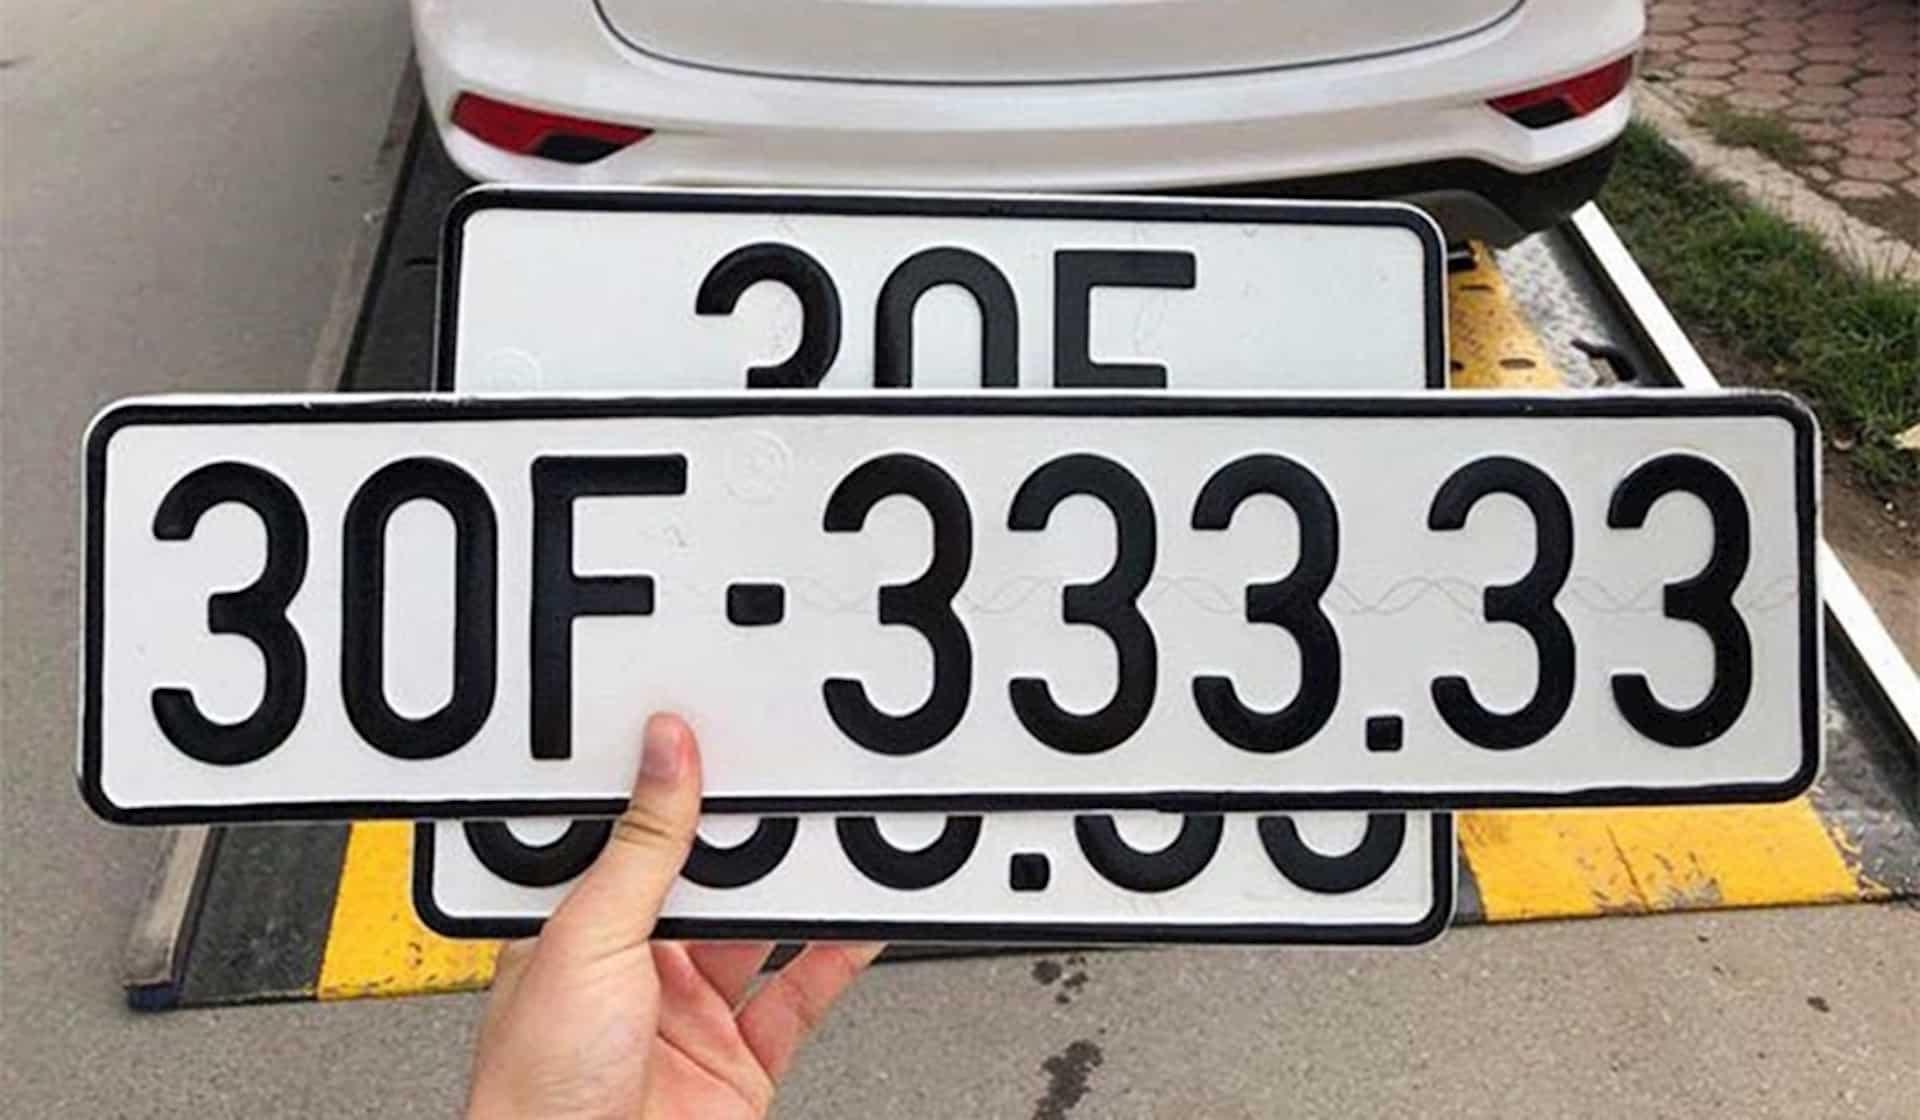 Cách tính biển số xe theo phong thủy - Taxi Tải Giá Rẻ 24H